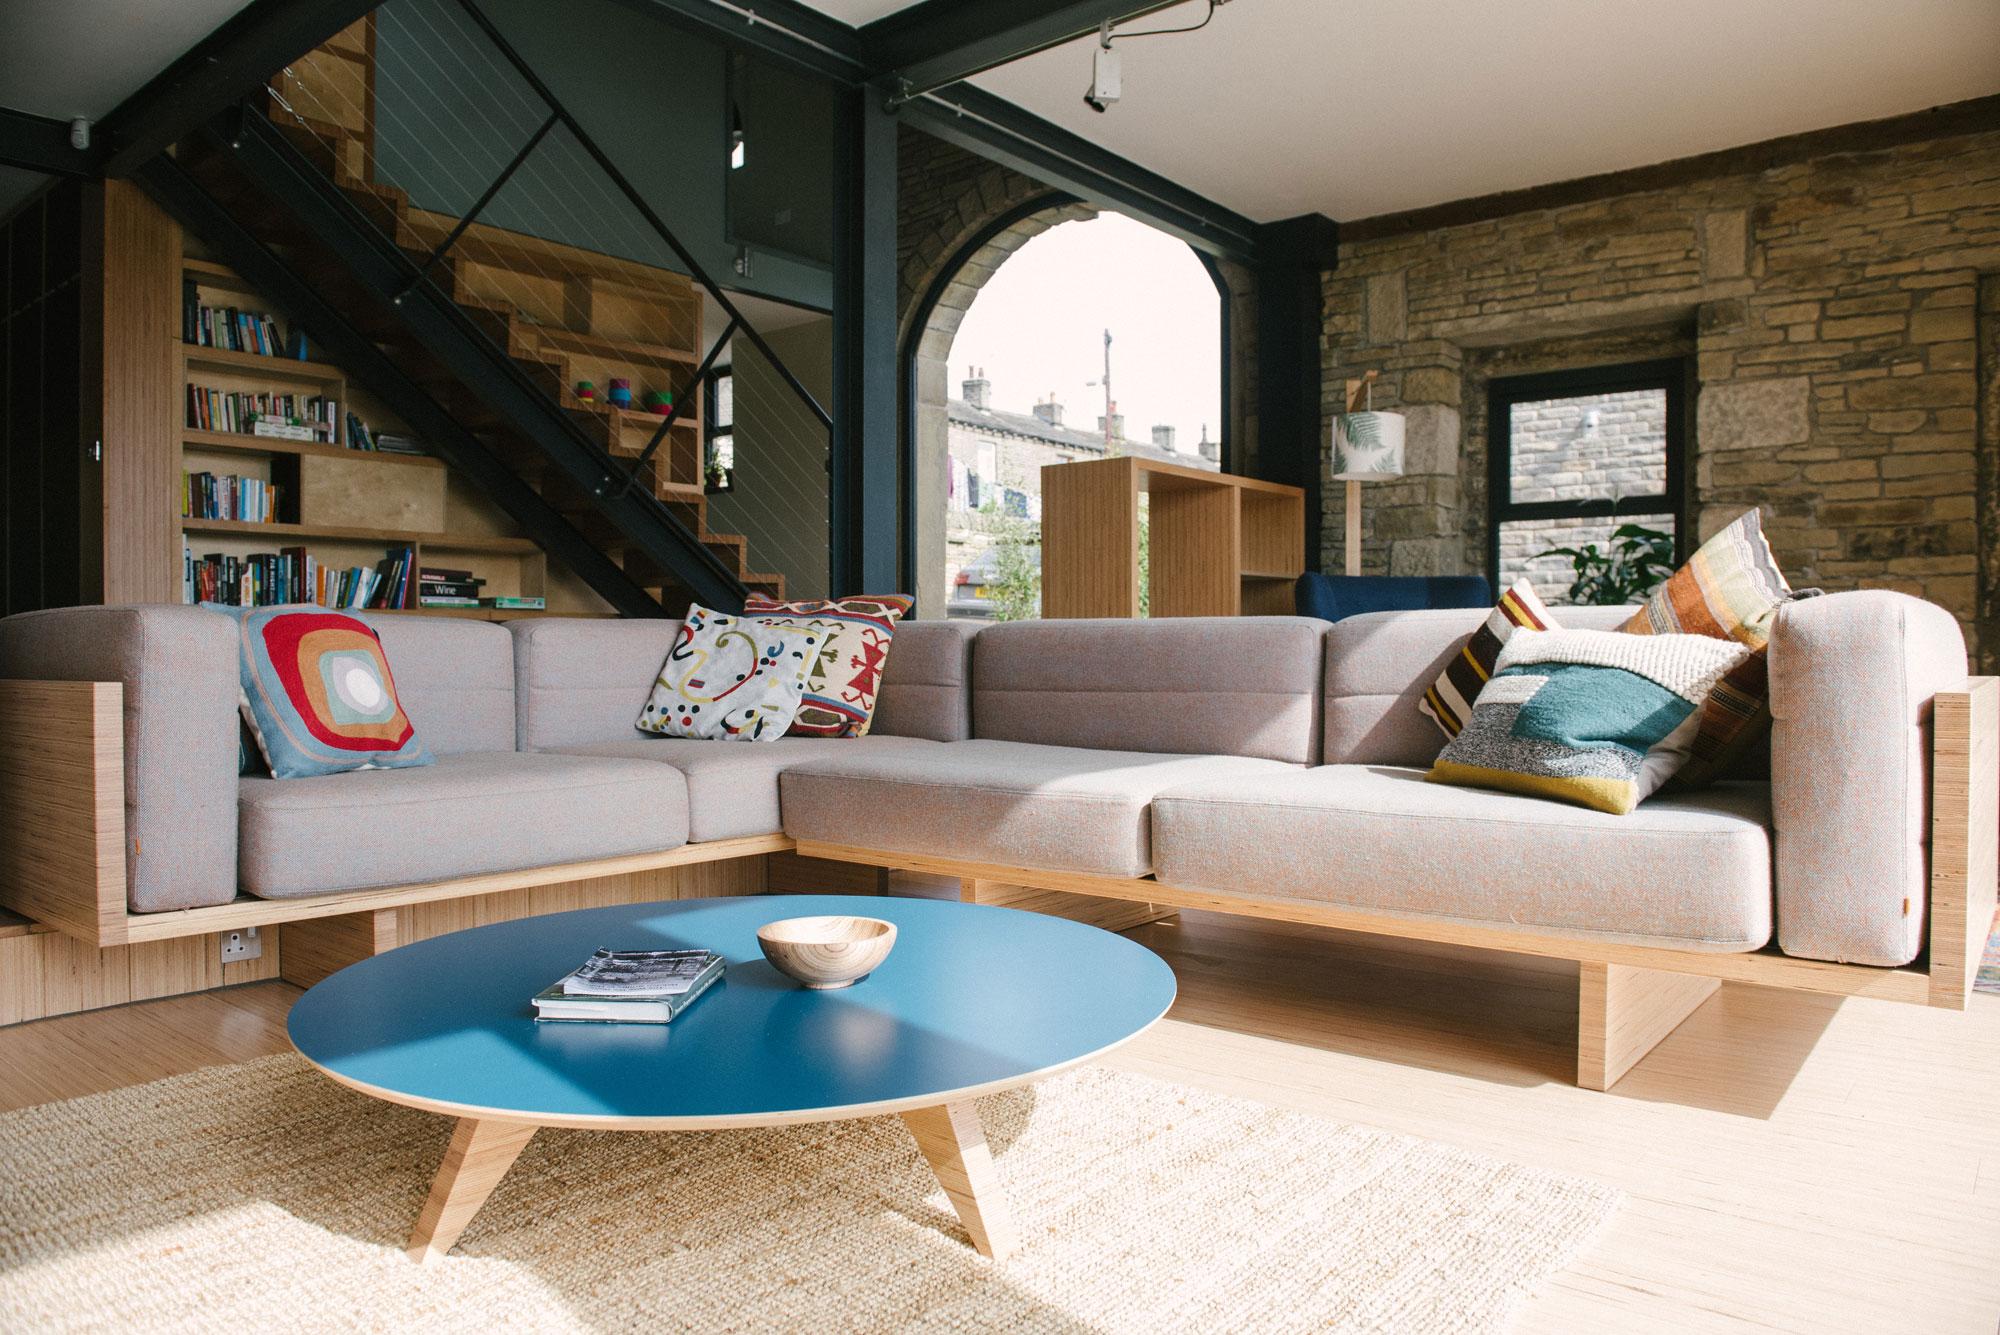 babauche sofa